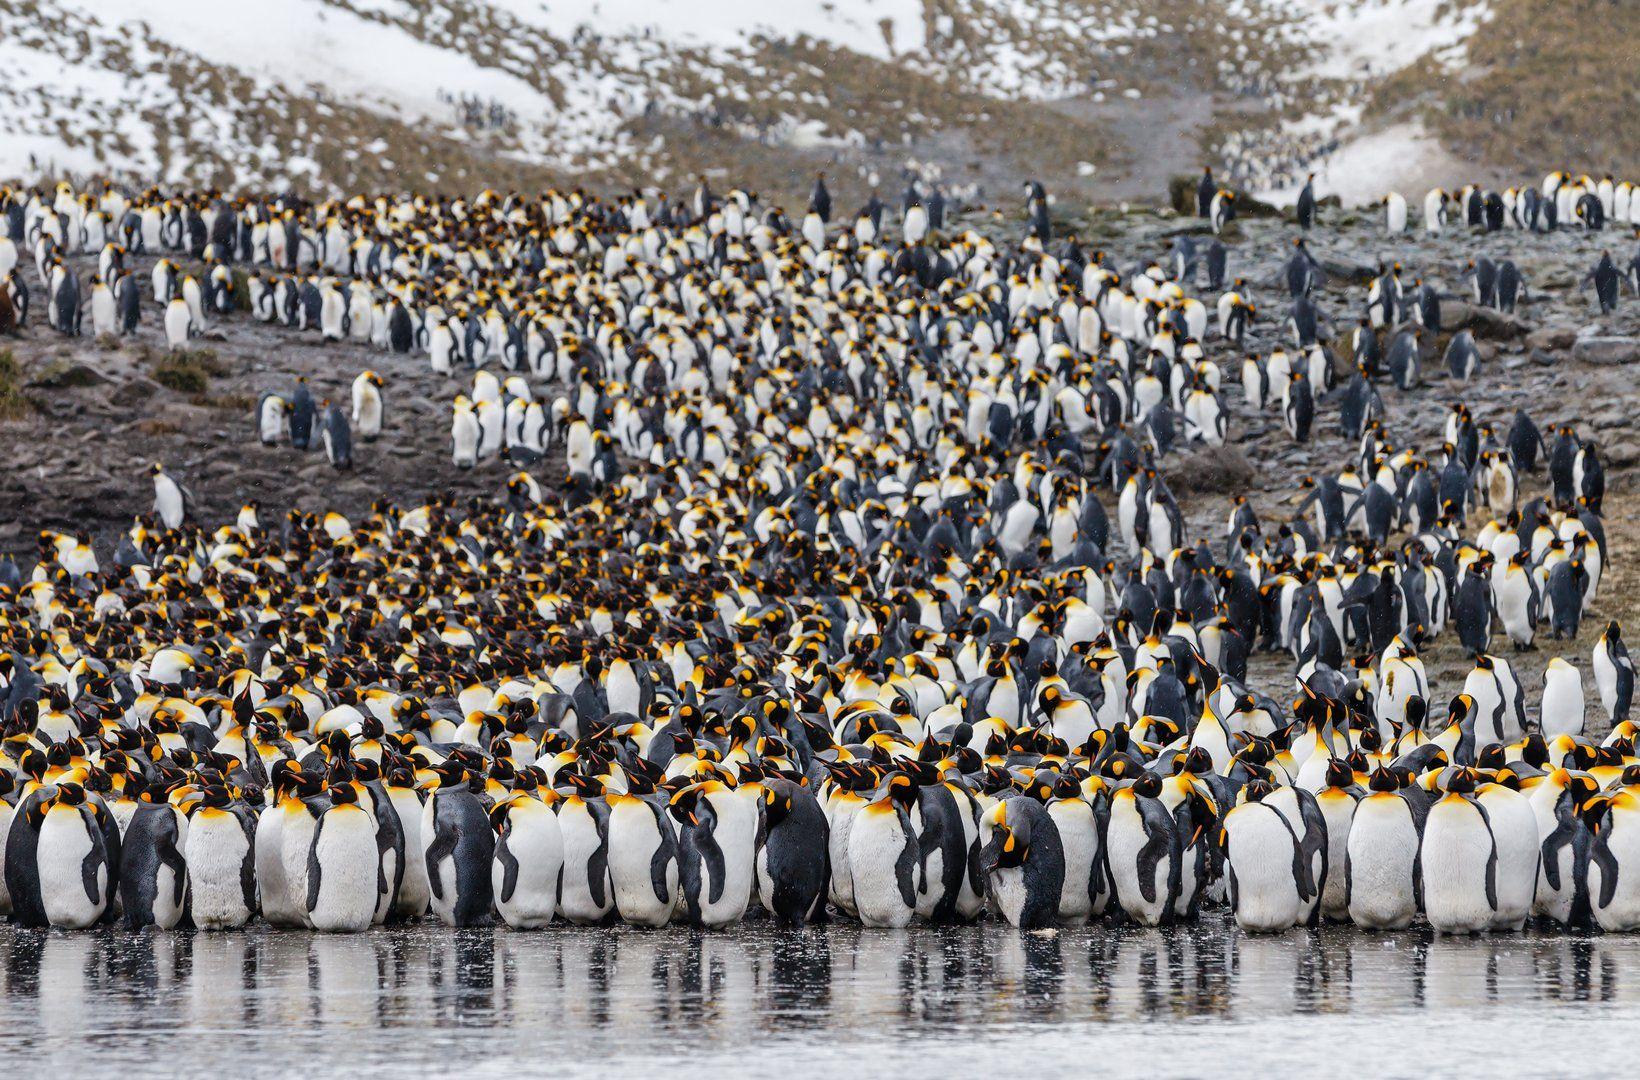 Антарктика, Королевский пингвин, Южная Георгия, Роман Мурушкин